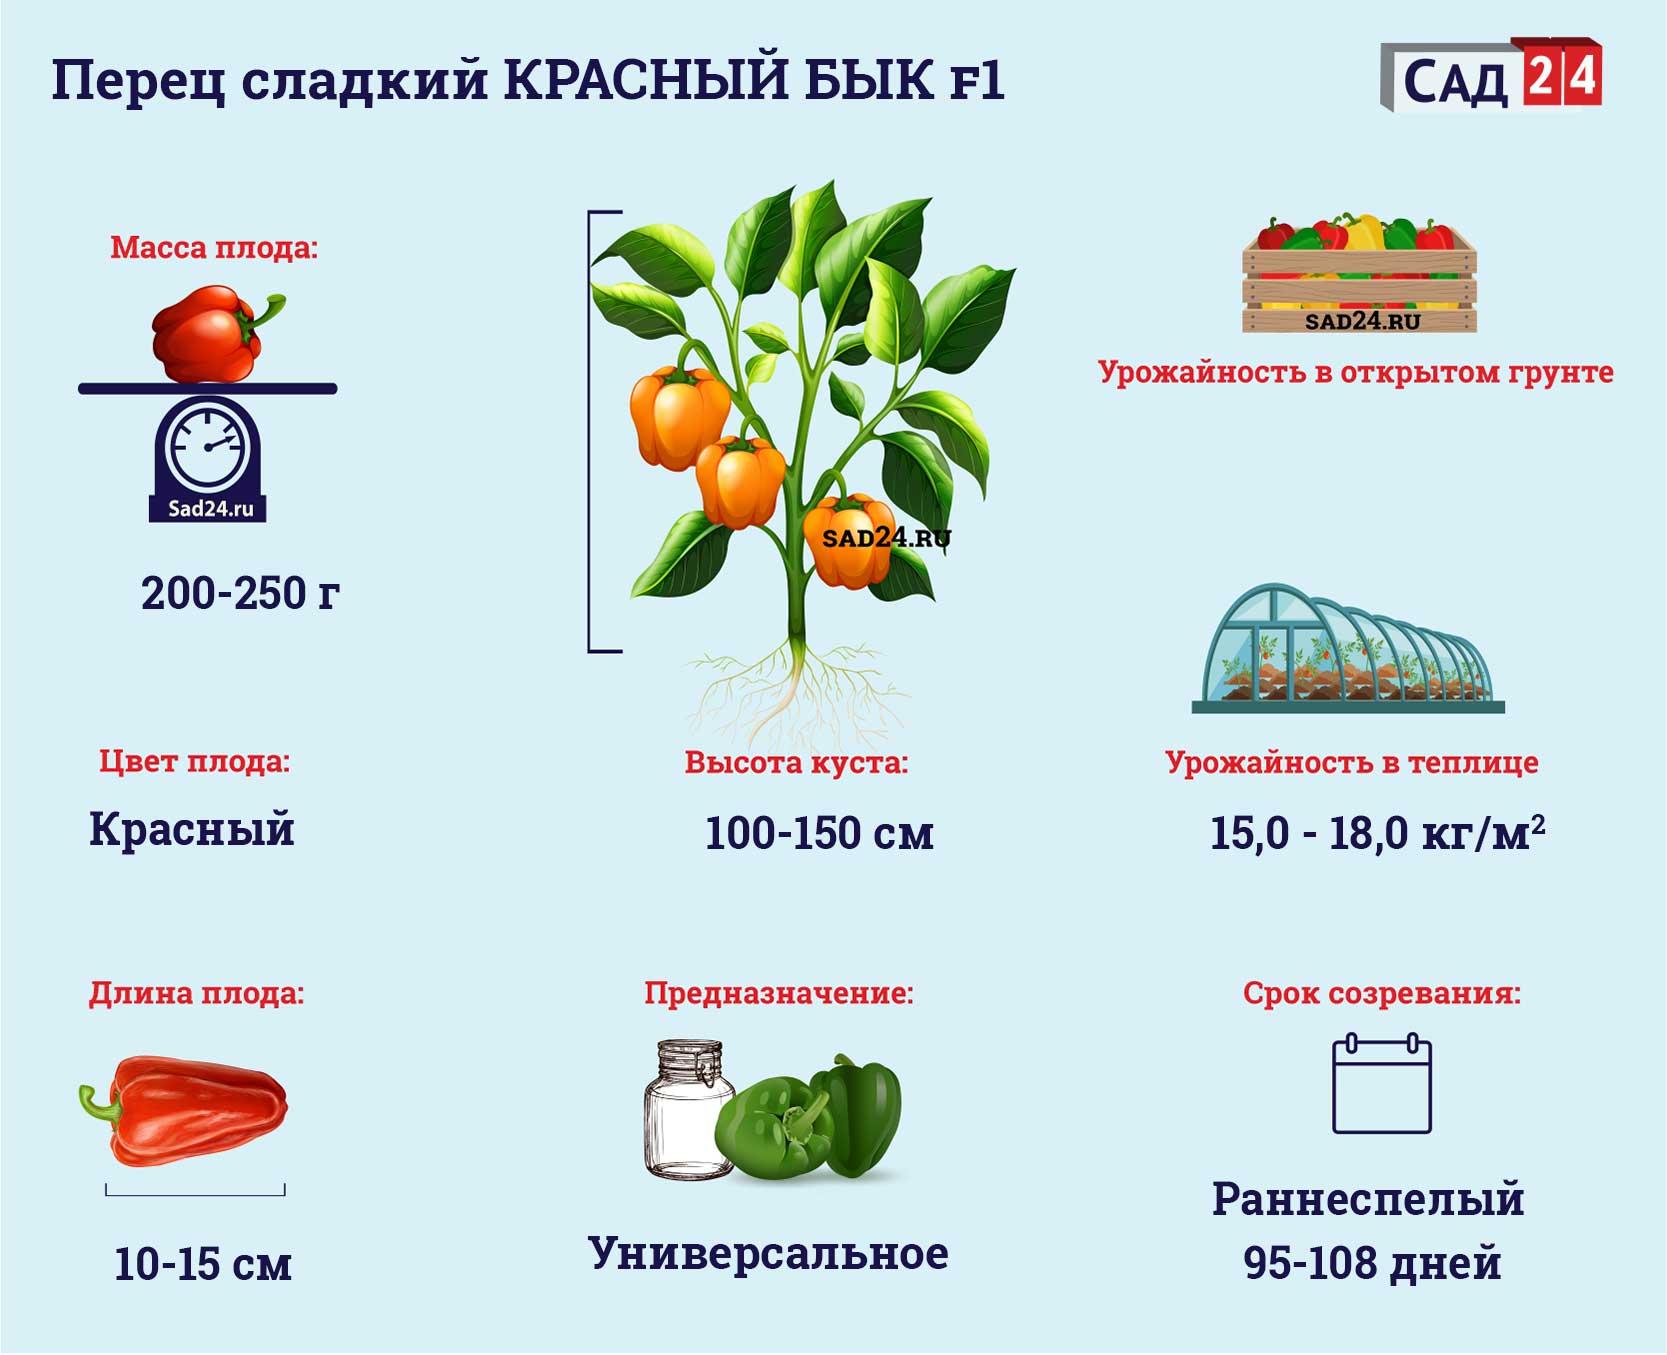 Красный бык F1 - https://sad24.ru